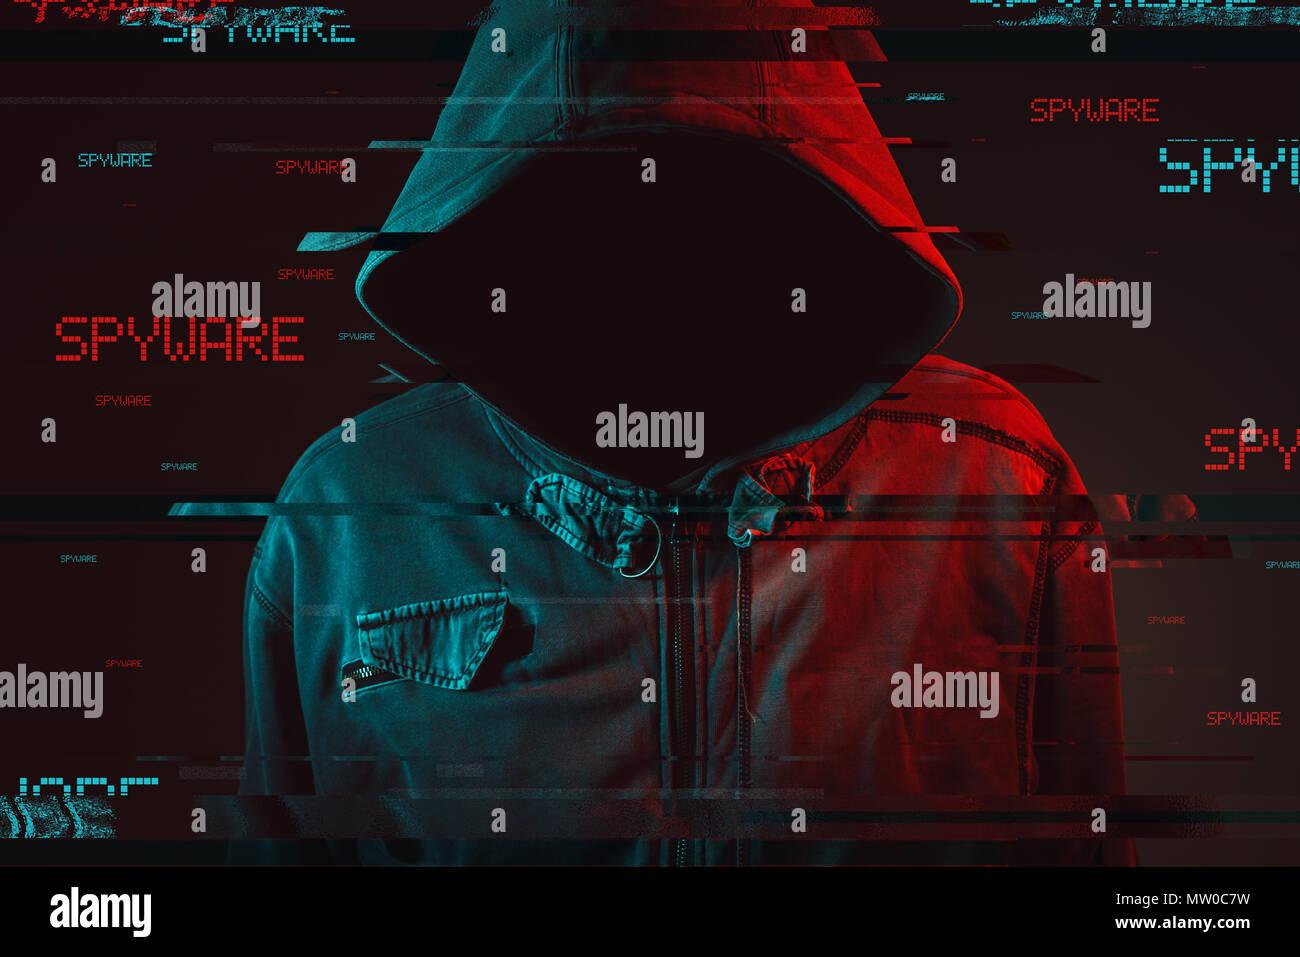 Concepto de spyware con hombres encapuchados sin rostro, bajo llave encendido rojo y azul de la imagen digital y glitch efecto Imagen De Stock